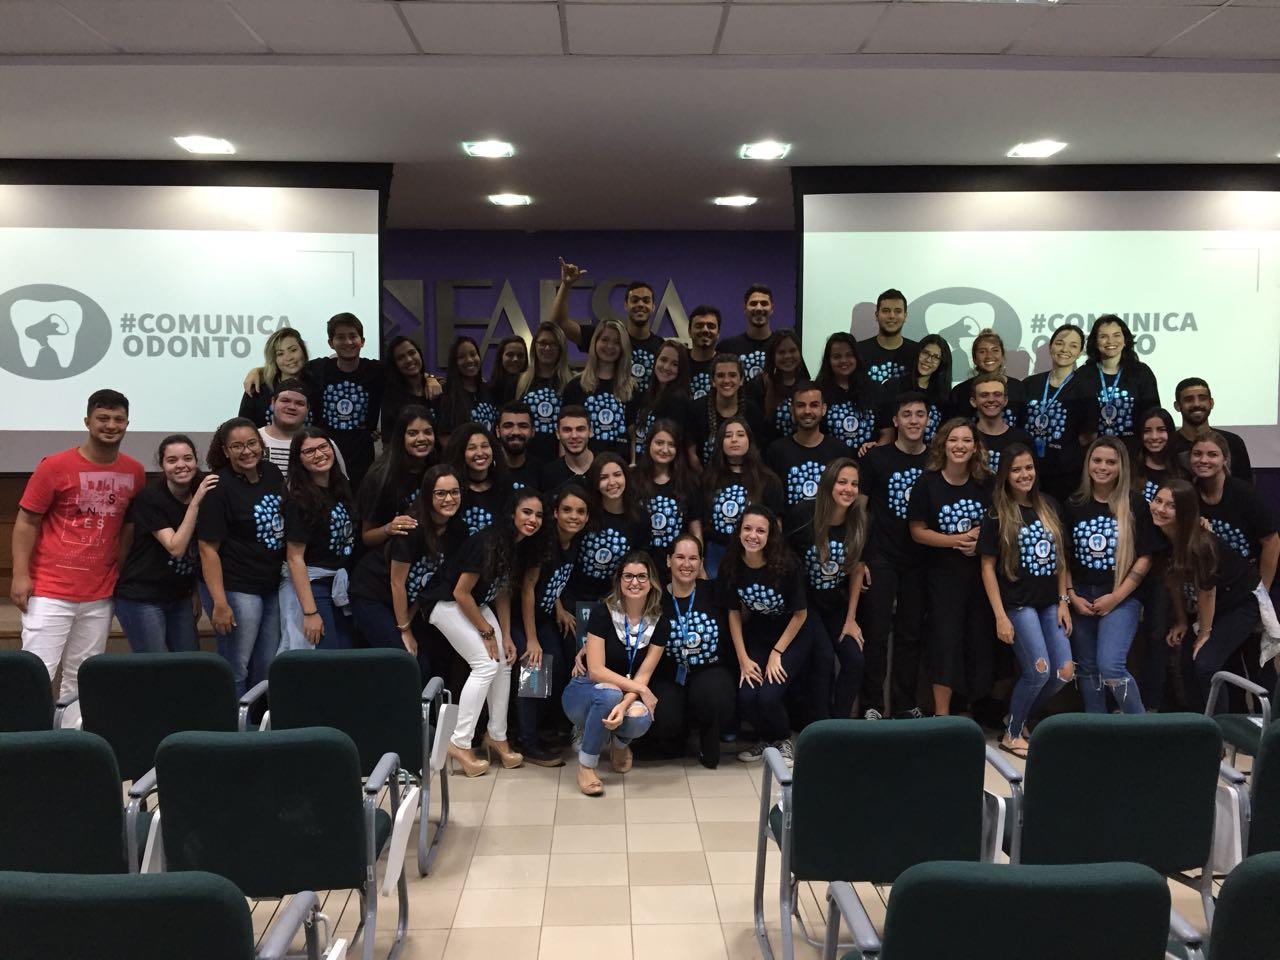 Alunos do 4º período de Jornalismo com os alunos do 3º período de Odontologia